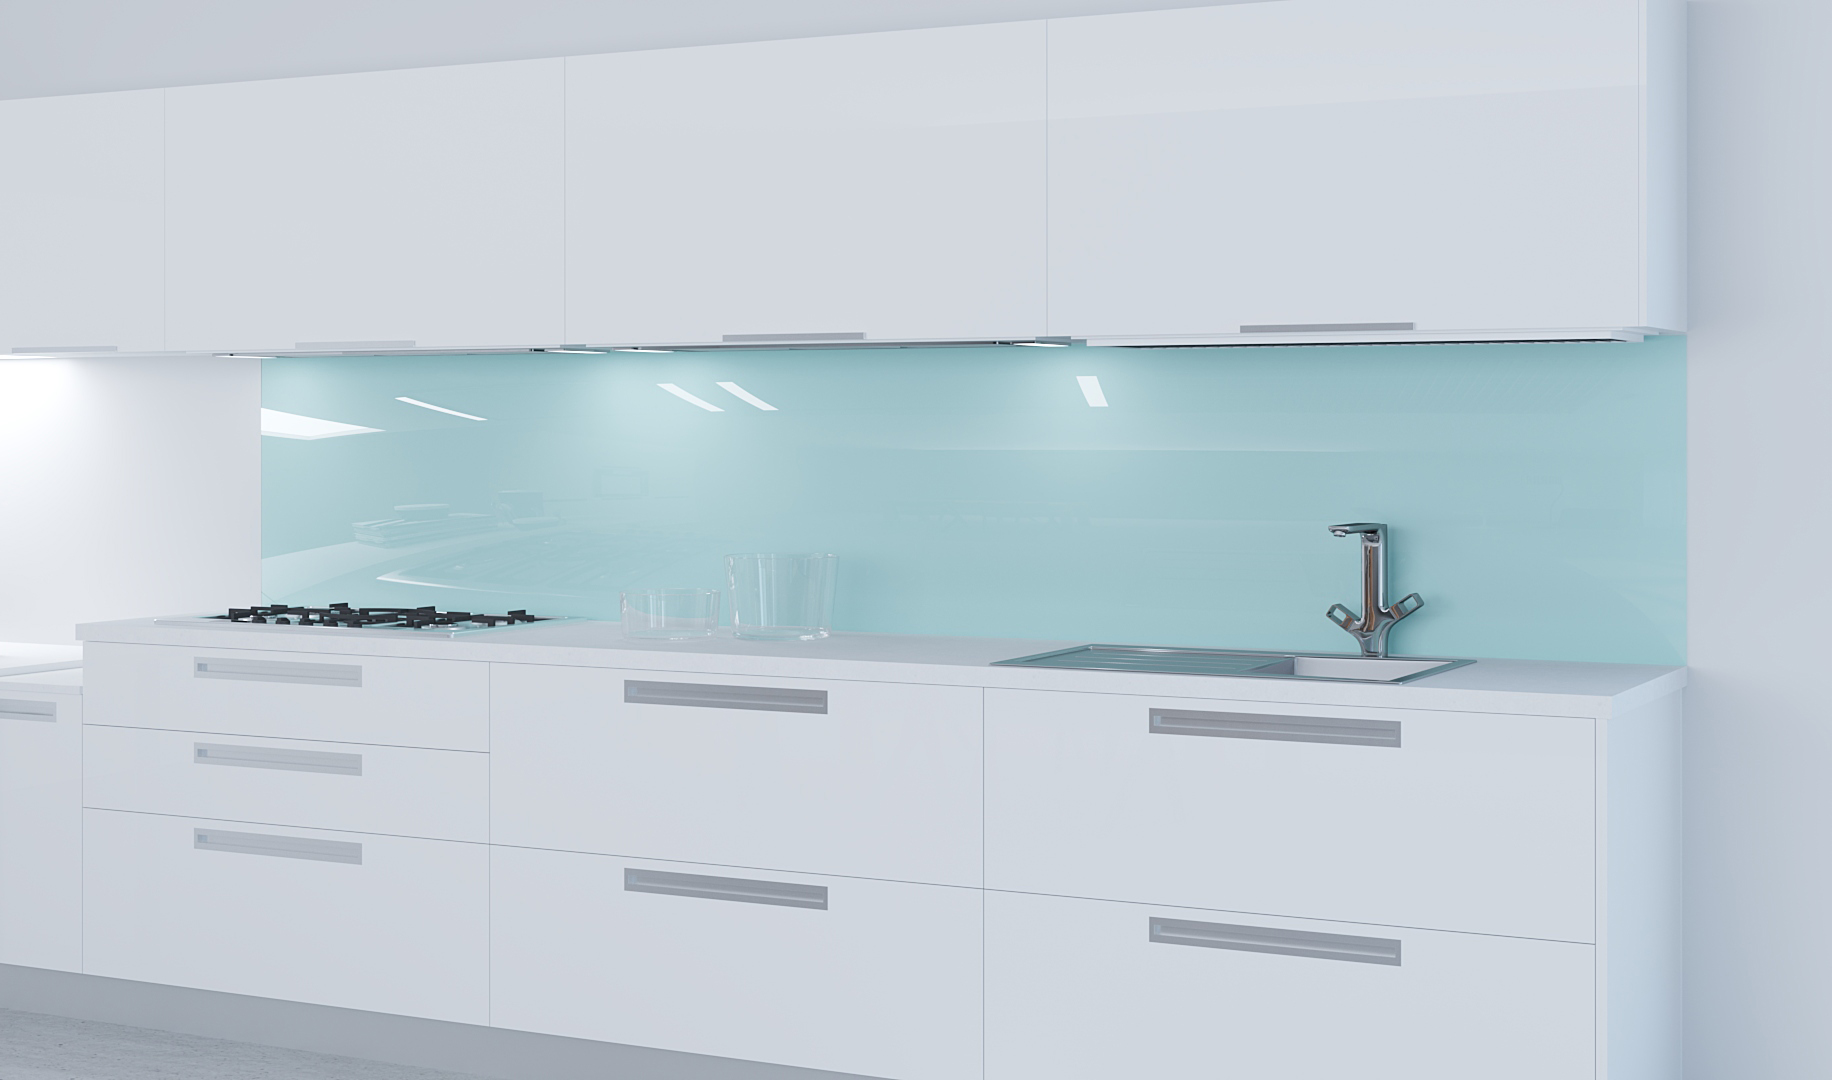 Küchenrückwand mit RAL Farbe